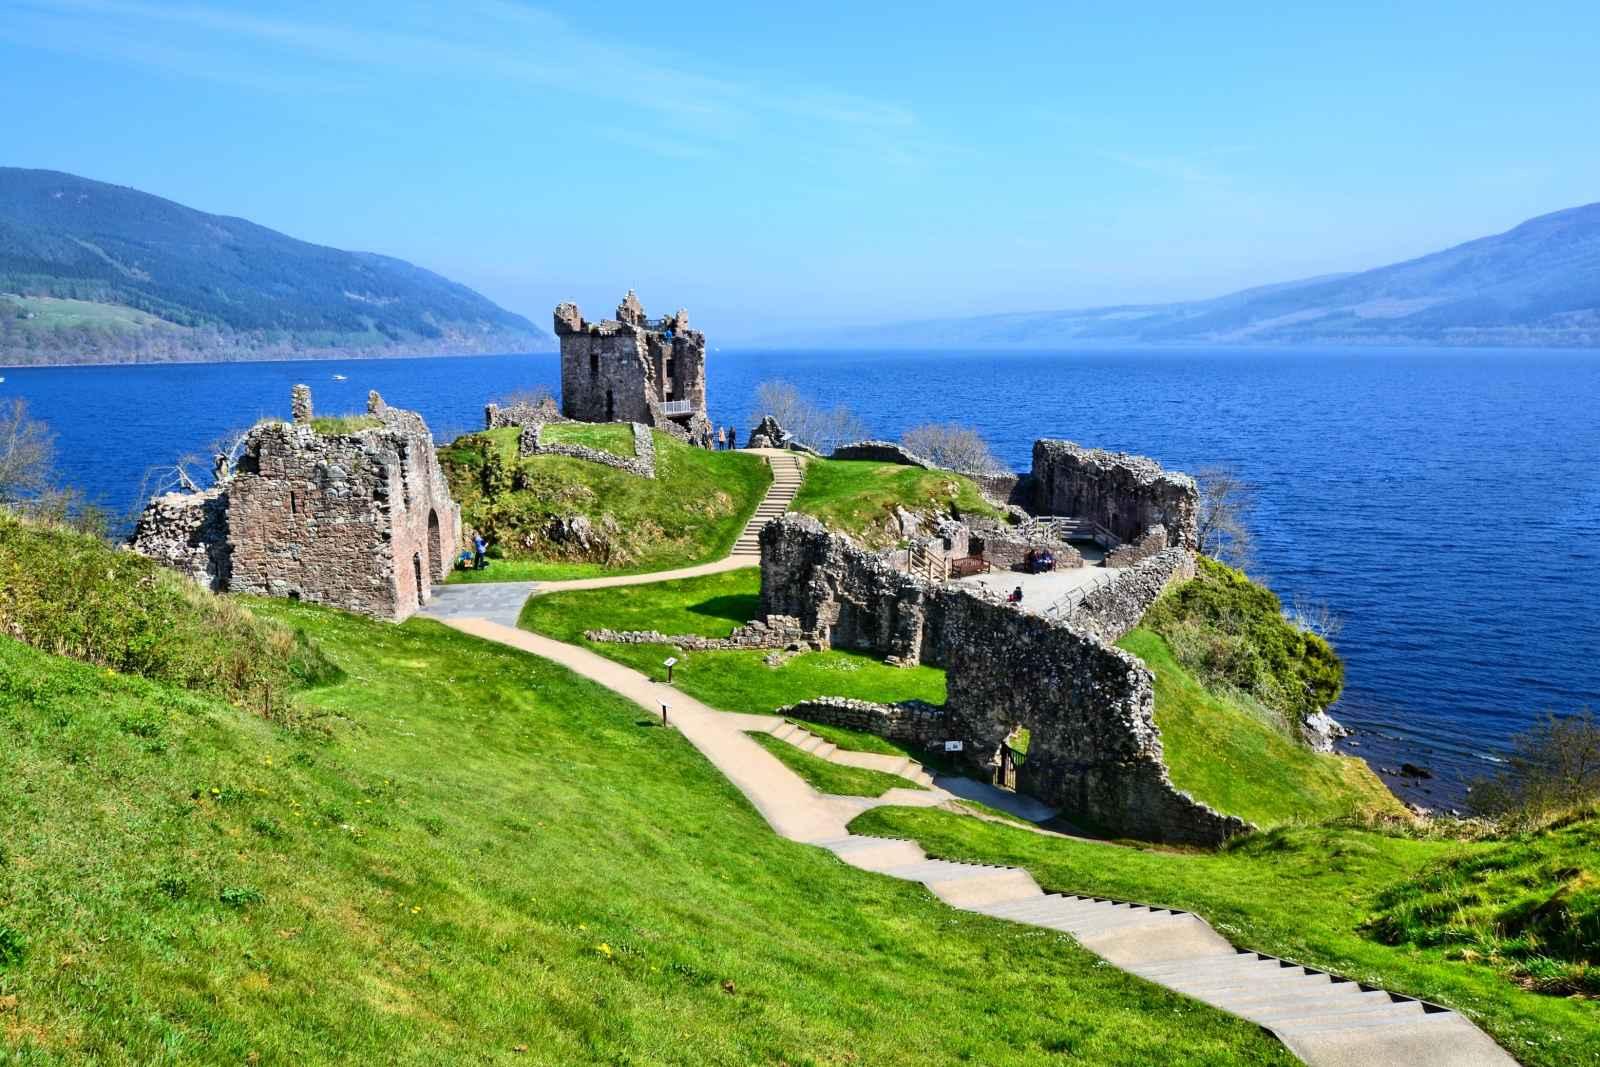 Séjour Royaume-Uni - Autotour - Édimbourg et l'ouest écossais